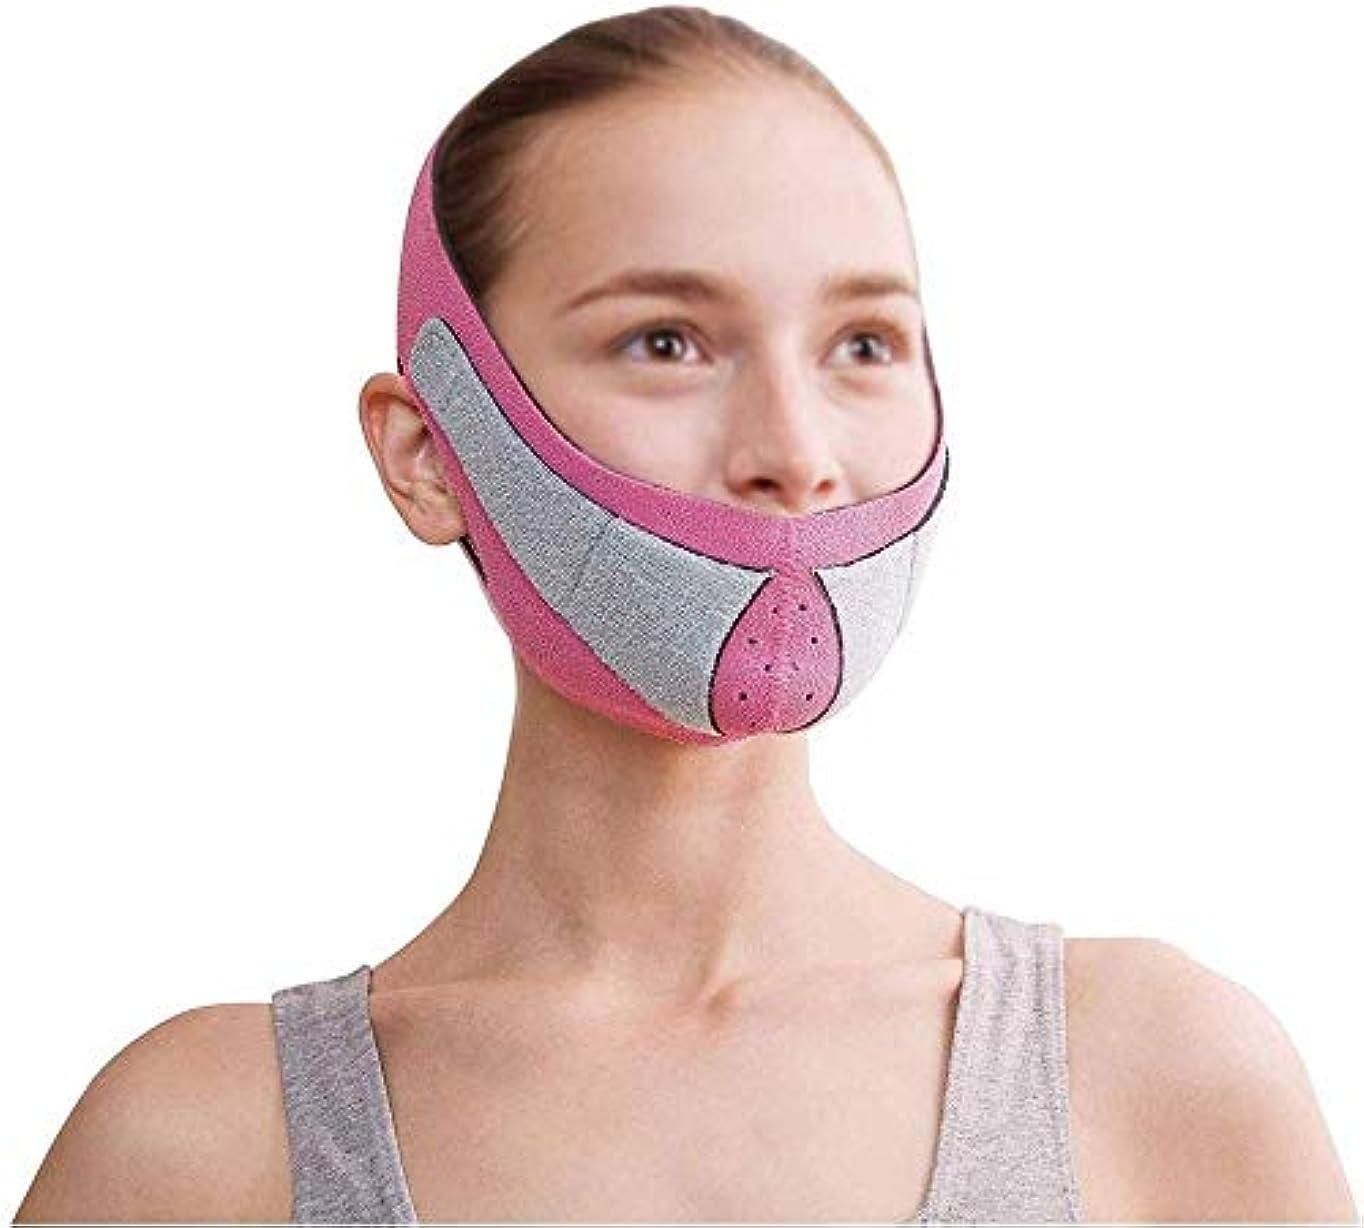 人形慣性メンダシティ美容と実用的なフェイスリフトマスク、たるみ防止引き締め法パターンフェイシャルリフティングリフティングマスク